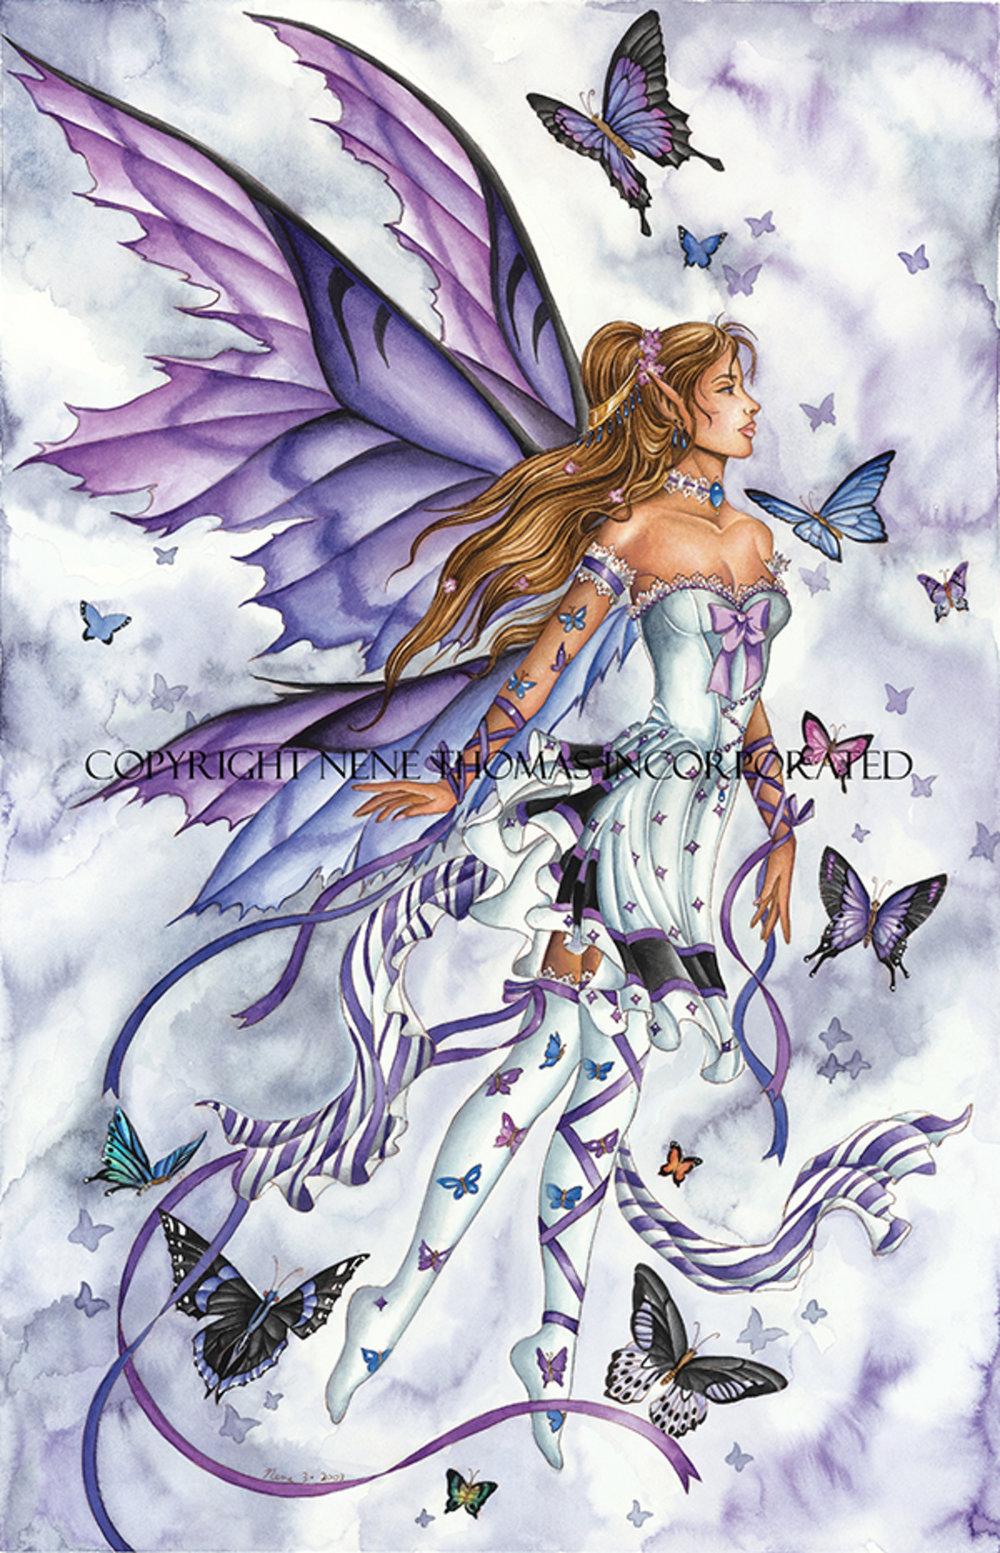 Lavender Serenade